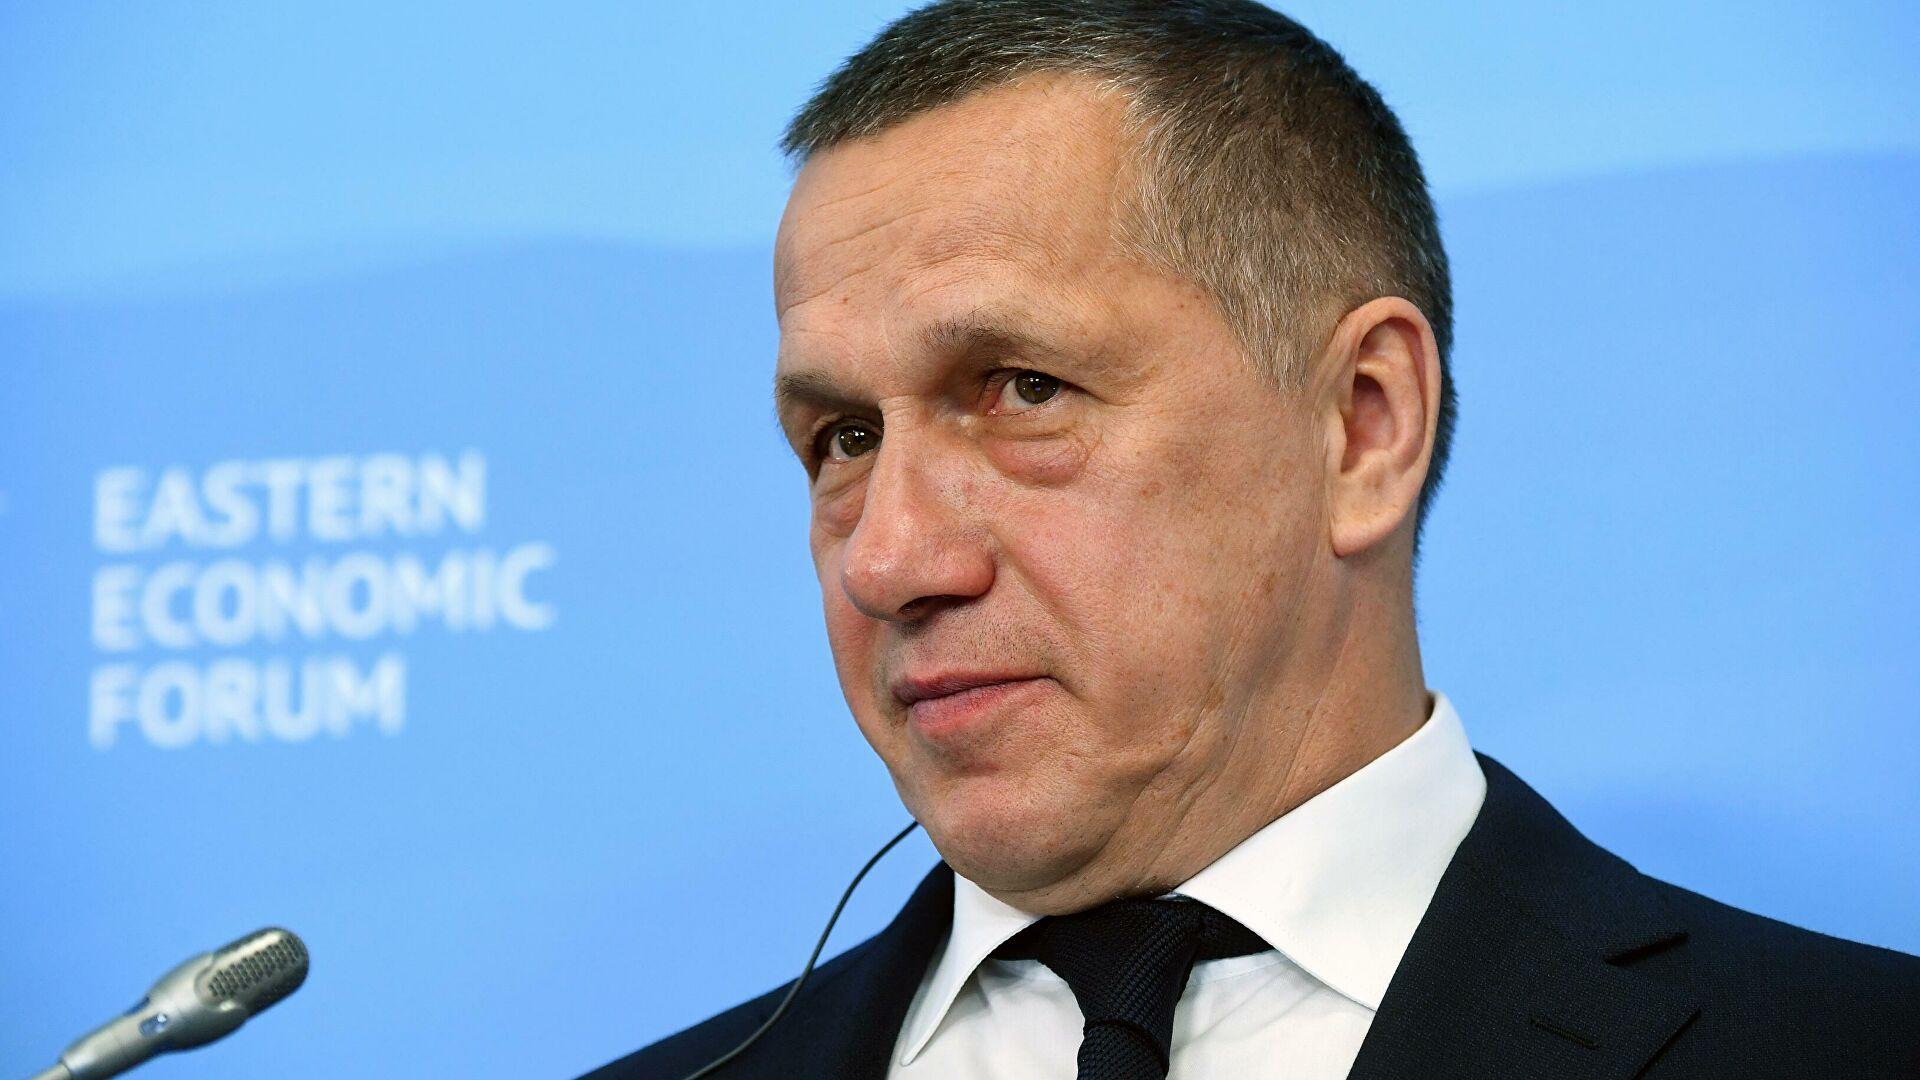 Юрий Трутнев: Дополнительные доходы от преференциальных зон ДФО составили 43 млрд рублей